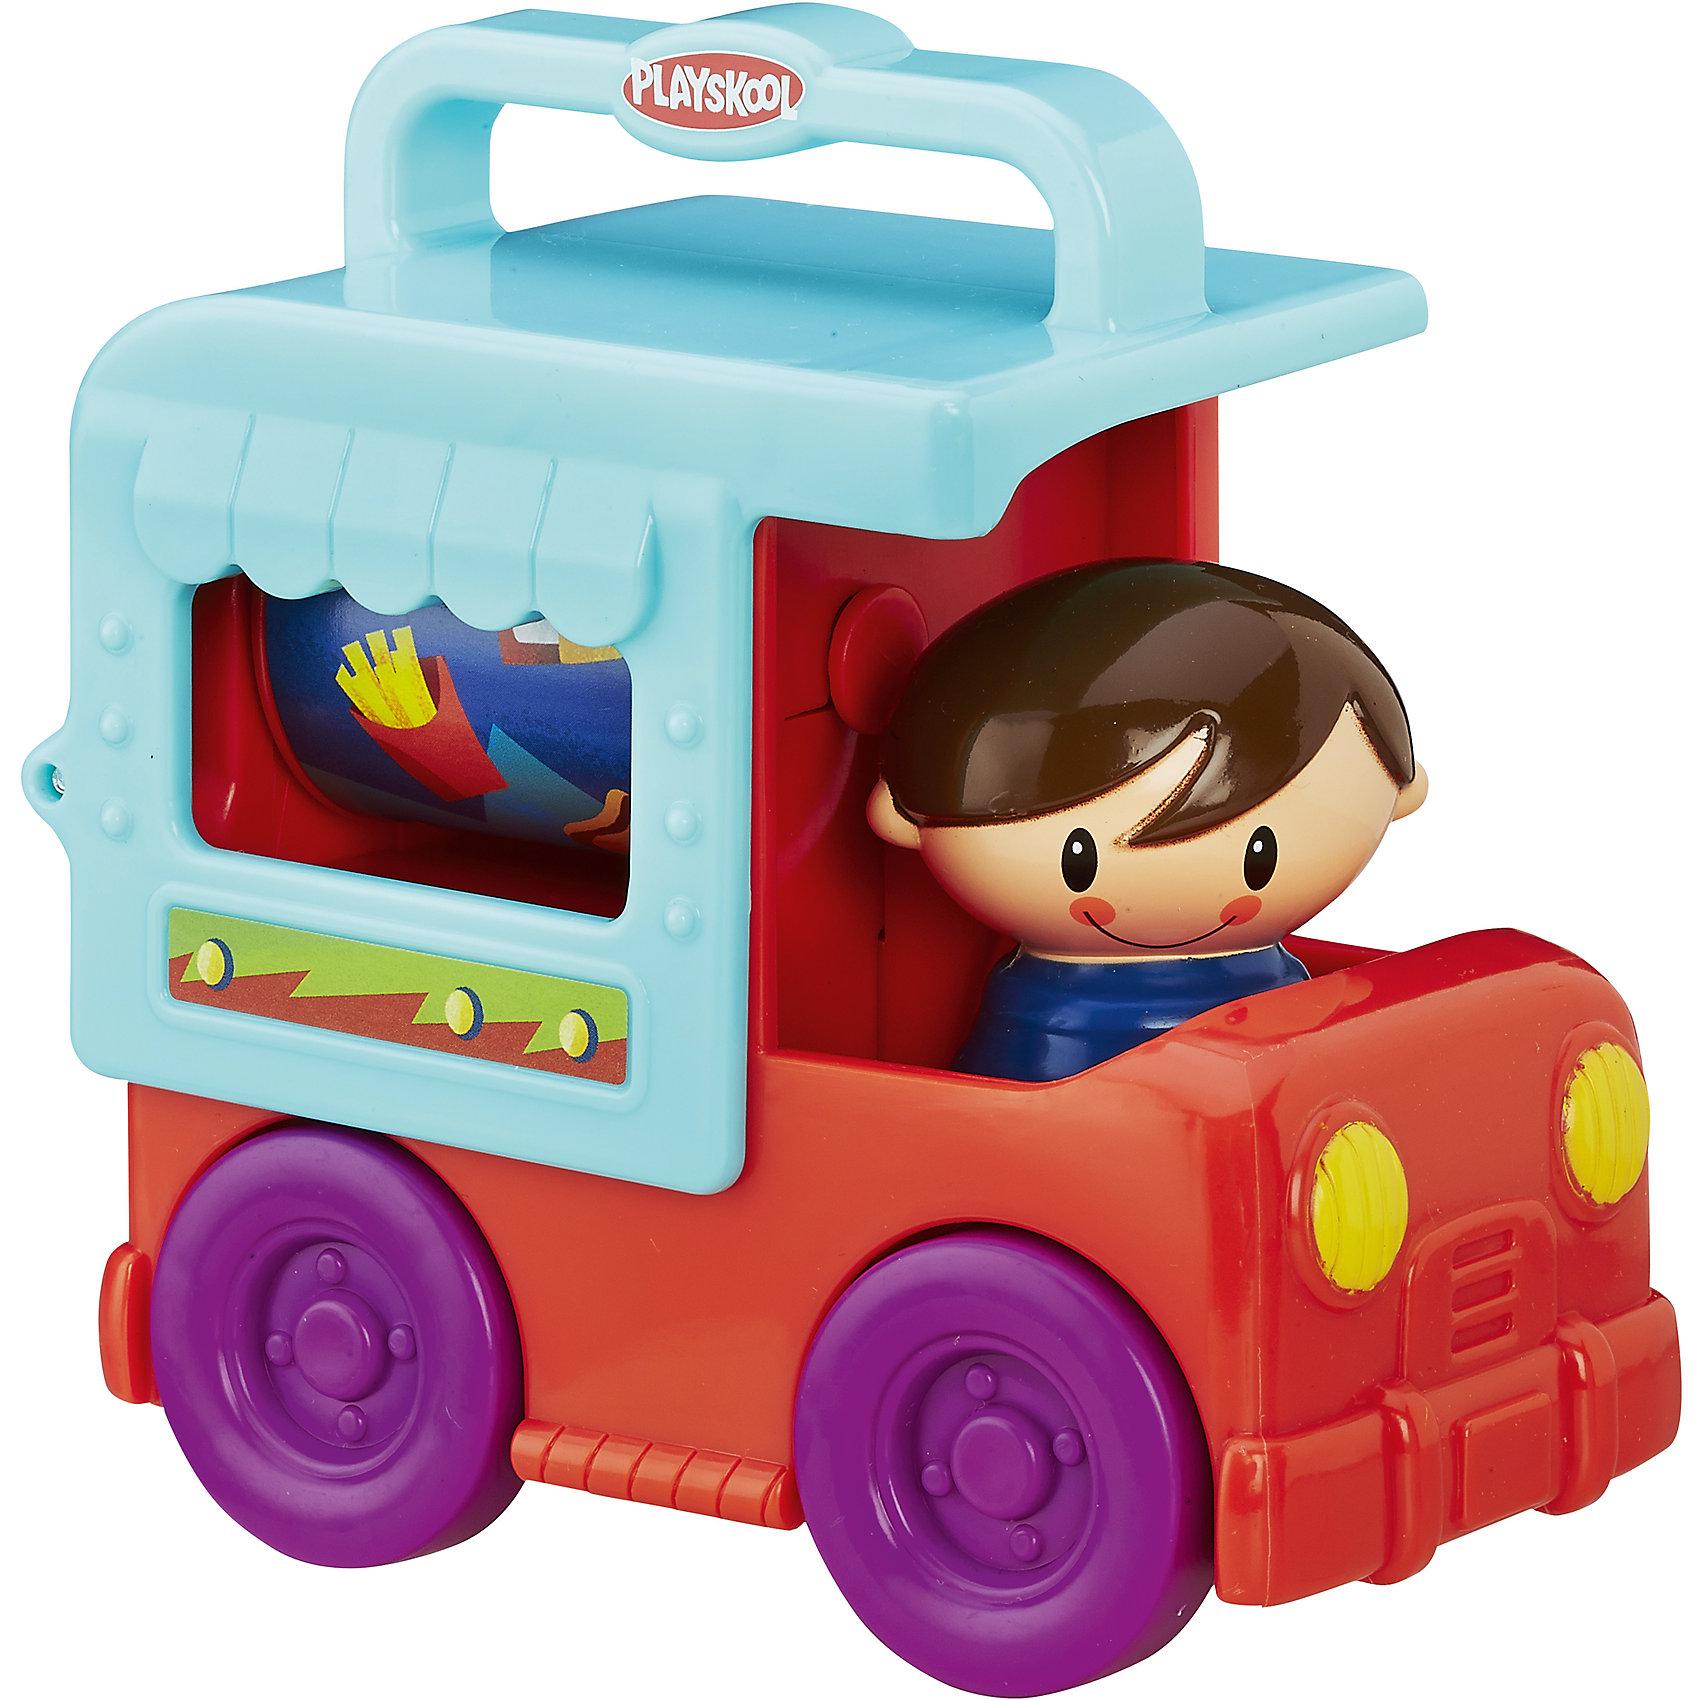 Грузовичок сложи и кати, возьми с собой,  PLAYSKOOL, оранжевыйХарактеристики игрушки:<br><br>• Предназначение: для сюжетно-ролевых и подвижных игр<br>• Пол: для мальчика<br>• Цвет: оранжевый, голубой, фиолетовый<br>• Материал: пластик<br>• Комплектация: грузовик, фигурка мальчика, вращающийся барабан в кузове<br>• Вес: 218 гр.<br>• Размеры: 12*7*11 см<br><br>Грузовичок сложи и кати, возьми с собой,  PLAYSKOOL, оранжевый может по праву стать первой и любимой машинкой вашего малыша.  Грузовичок выполнен в ярком красочном дизайне, в кабине имеется съемная фигурка девочки, в кузове – вращающийся со звуком барабан. Колеса у игрушки широкие и прочные, легко катаются по любой поверхности, на кузове имеется ручка, которая позволяет переносить машинку в руках. Игрушка выполнена из экологически безопасного материала – пластика, все детали окрашены экологически безопасными красками. <br><br>Грузовичок сложи и кати, возьми с собой,  PLAYSKOOL, оранжевый подарит не только увлекательные игры, но и позволит развивать у ребенка координацию движений, мелкую моторику рук, зрительное и слуховое восприятие. <br><br>Грузовичок сложи и кати, возьми с собой,  PLAYSKOOL, оранжевый можно купить в нашем интернет-магазине.<br><br>Подробнее:<br>Для детей в возрасте: от 1 года и до 3 лет<br>Номер товара: 4792810<br>Страна производитель: Китай<br><br>Ширина мм: 70<br>Глубина мм: 117<br>Высота мм: 121<br>Вес г: 249<br>Возраст от месяцев: 12<br>Возраст до месяцев: 36<br>Пол: Унисекс<br>Возраст: Детский<br>SKU: 4792810